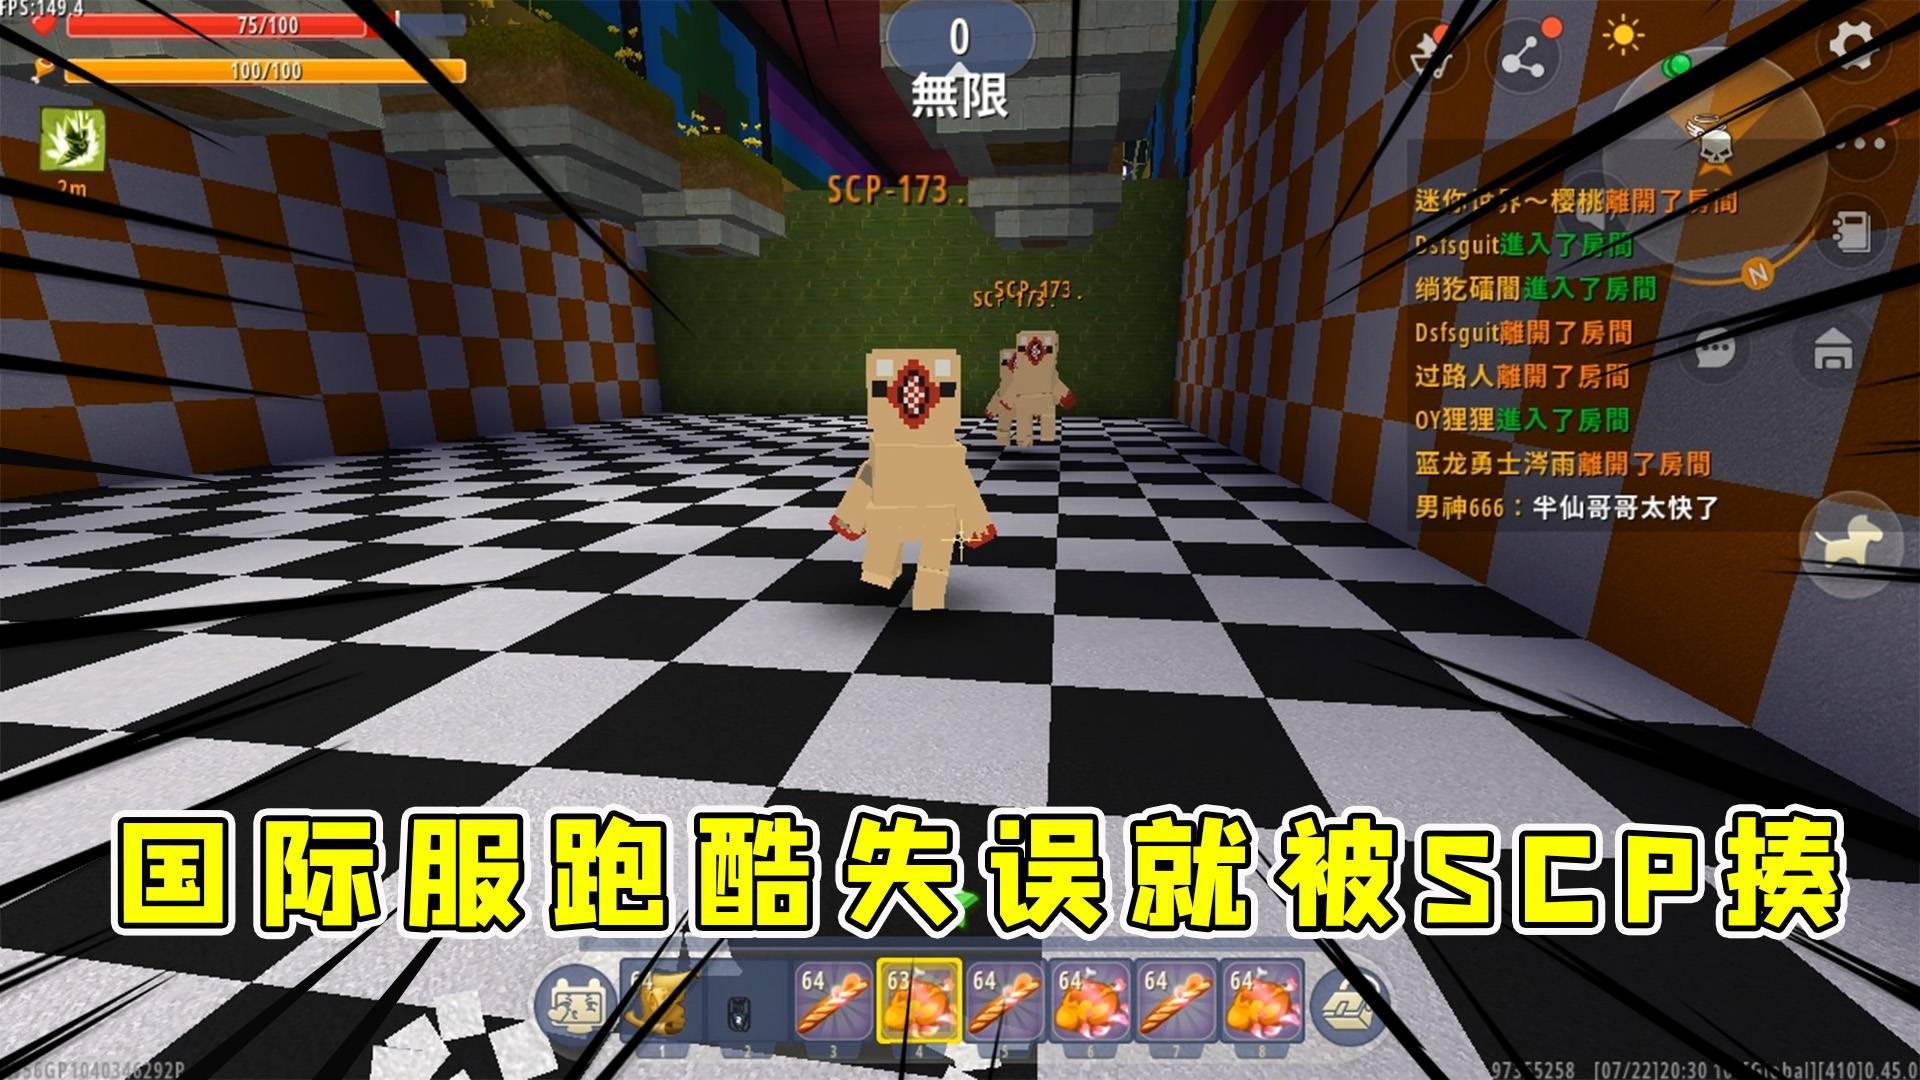 迷你世界:半仙挑战国际服竞速跑酷,一个失误就会被SCP群殴,稳住!